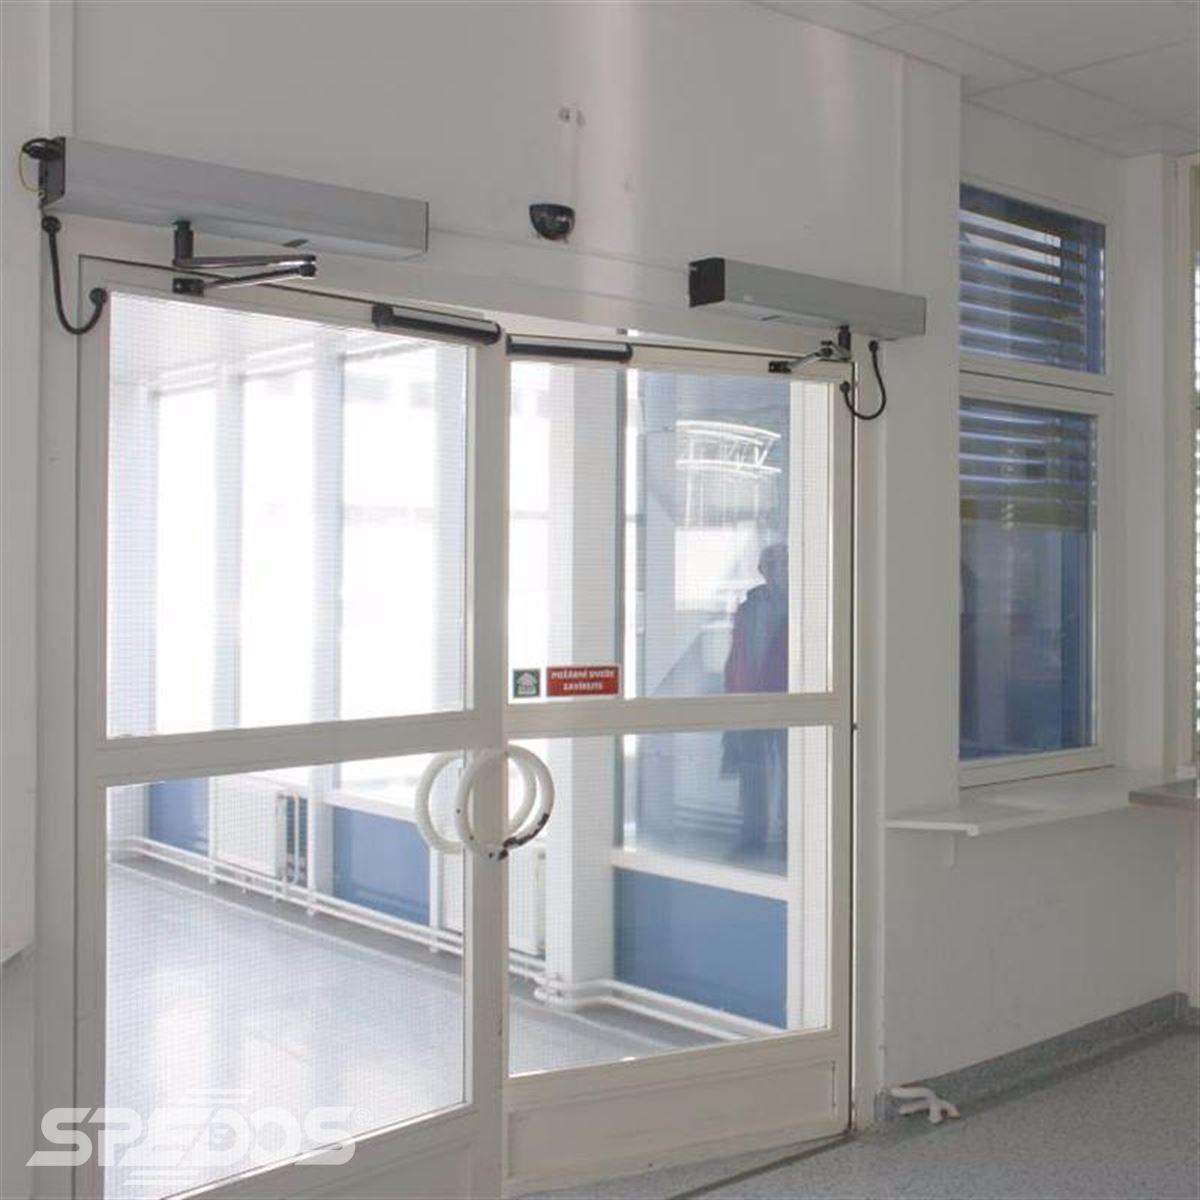 Automatické otočné protipožární dveře s dvěma křídly